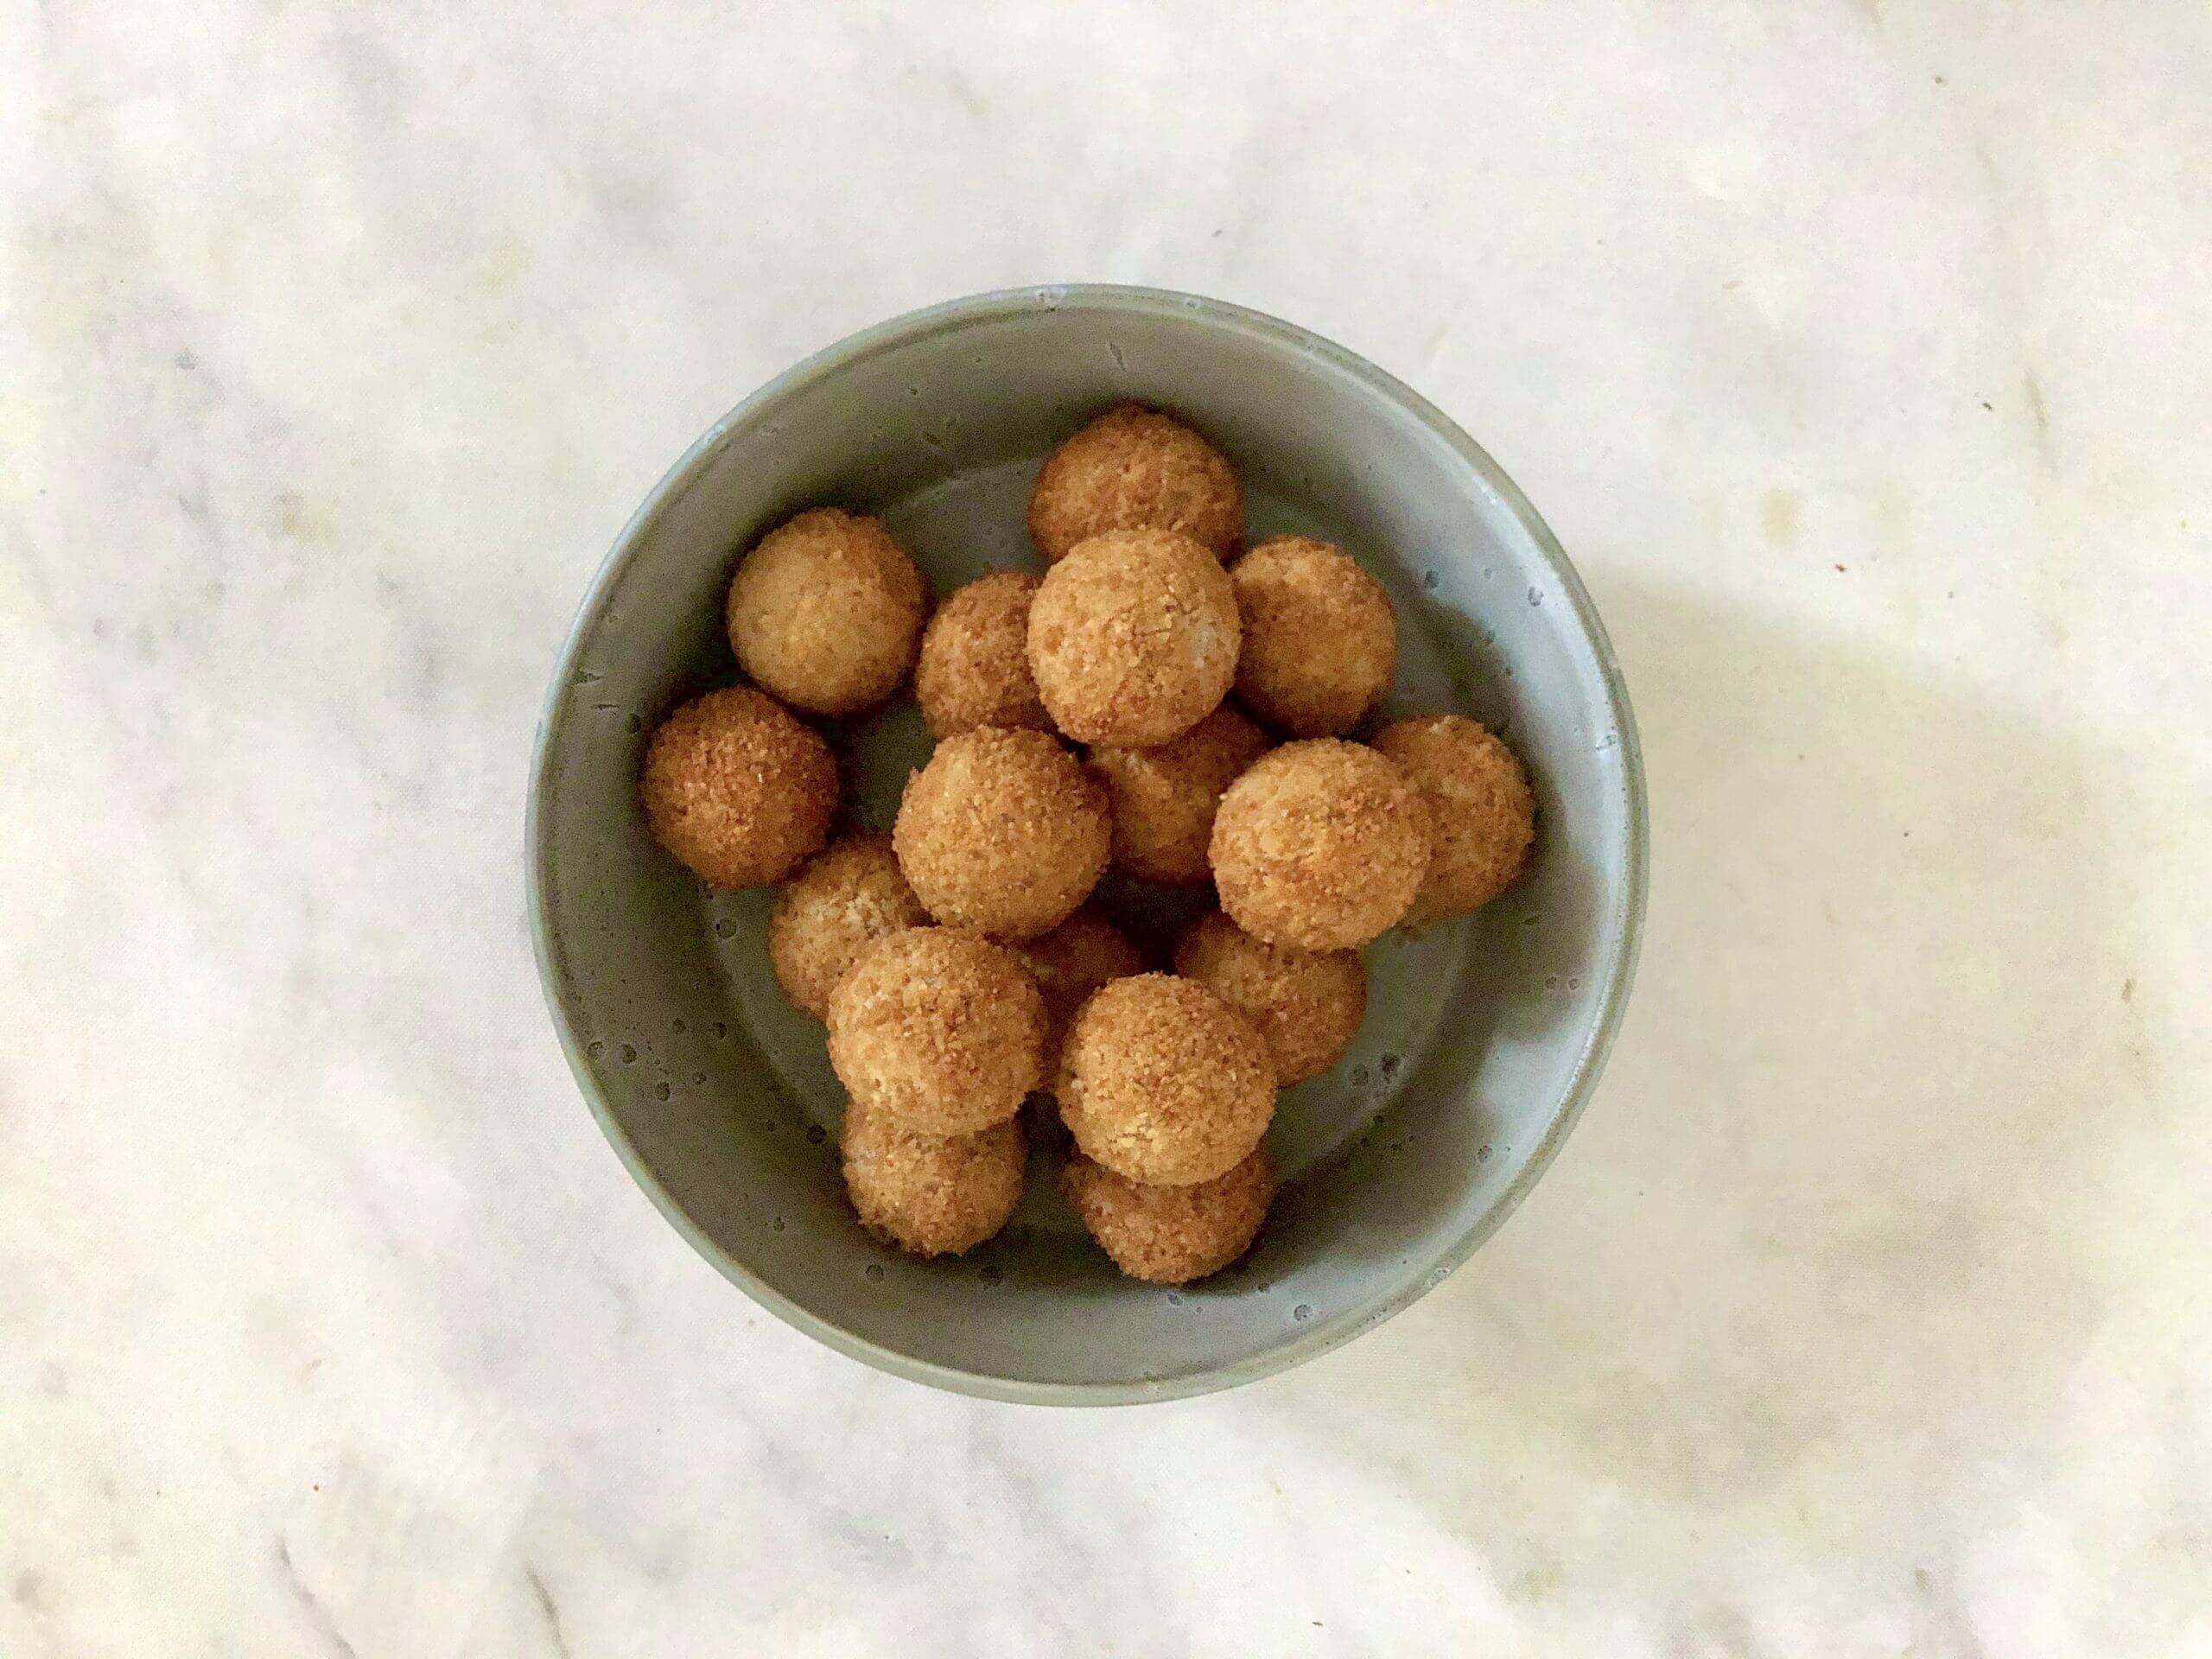 Vleesvervanger getest: vega bitterballen van de